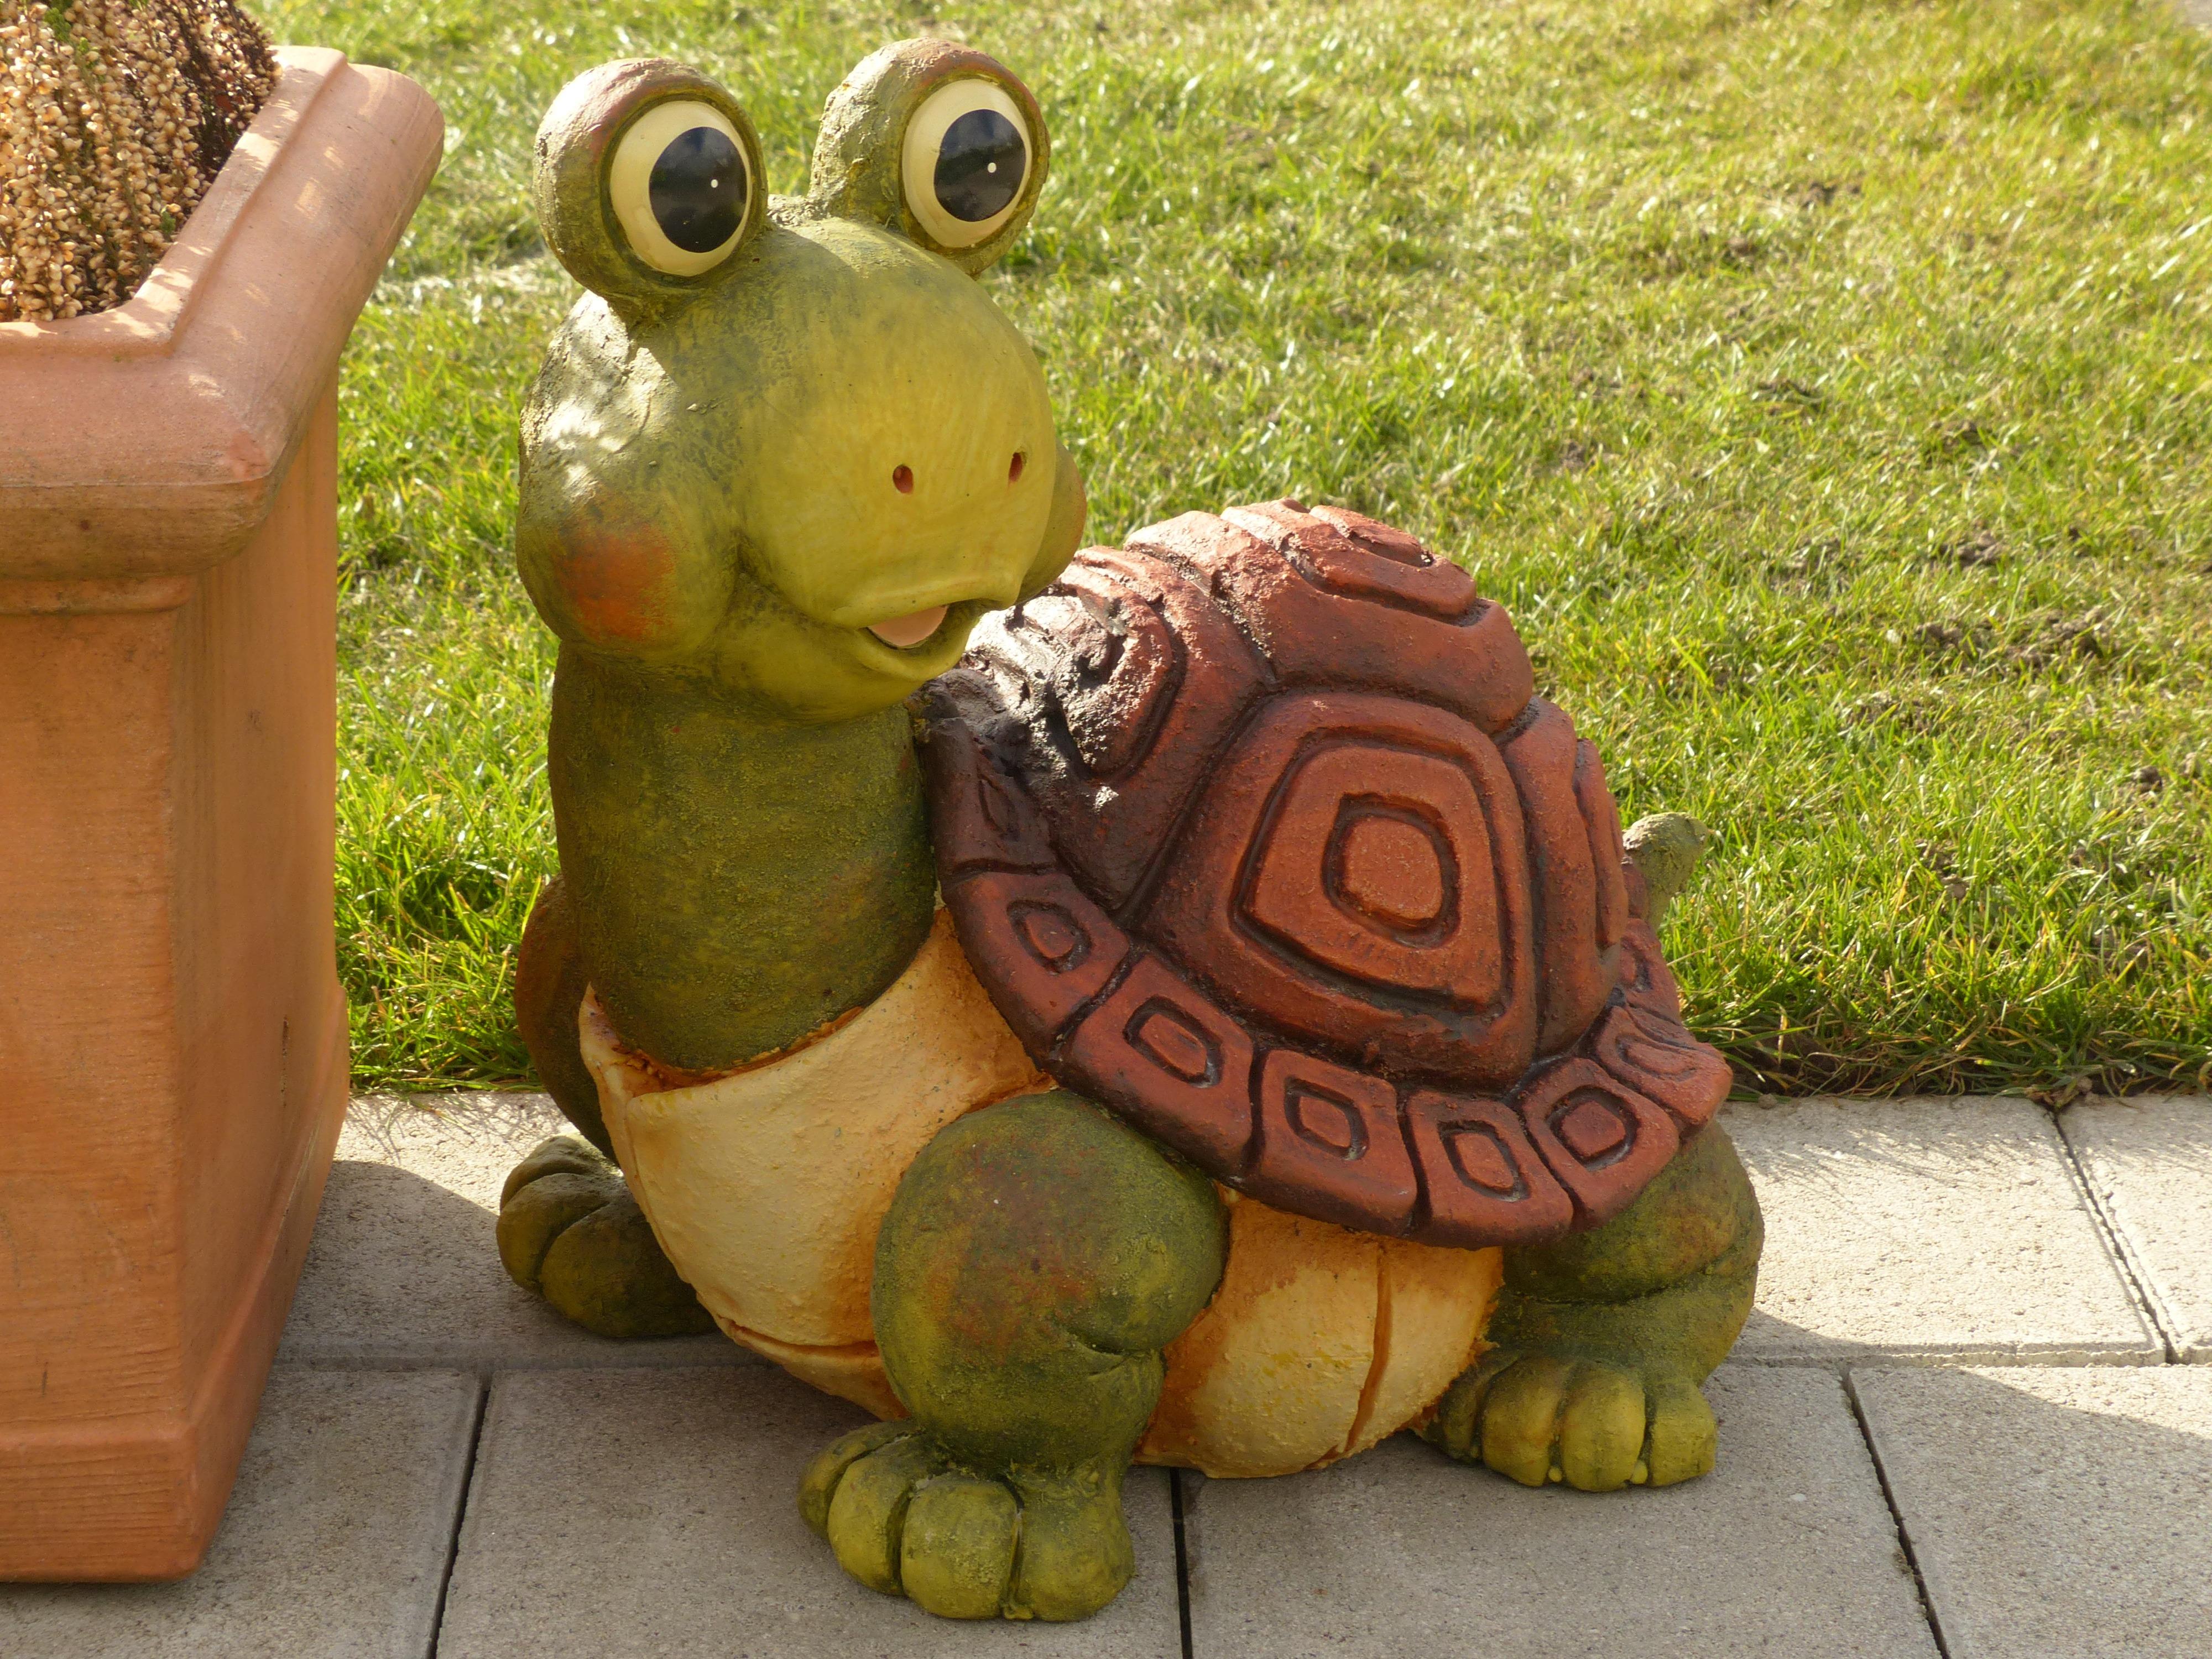 Images Gratuites : animal, décoration, vert, céramique, amphibie ...